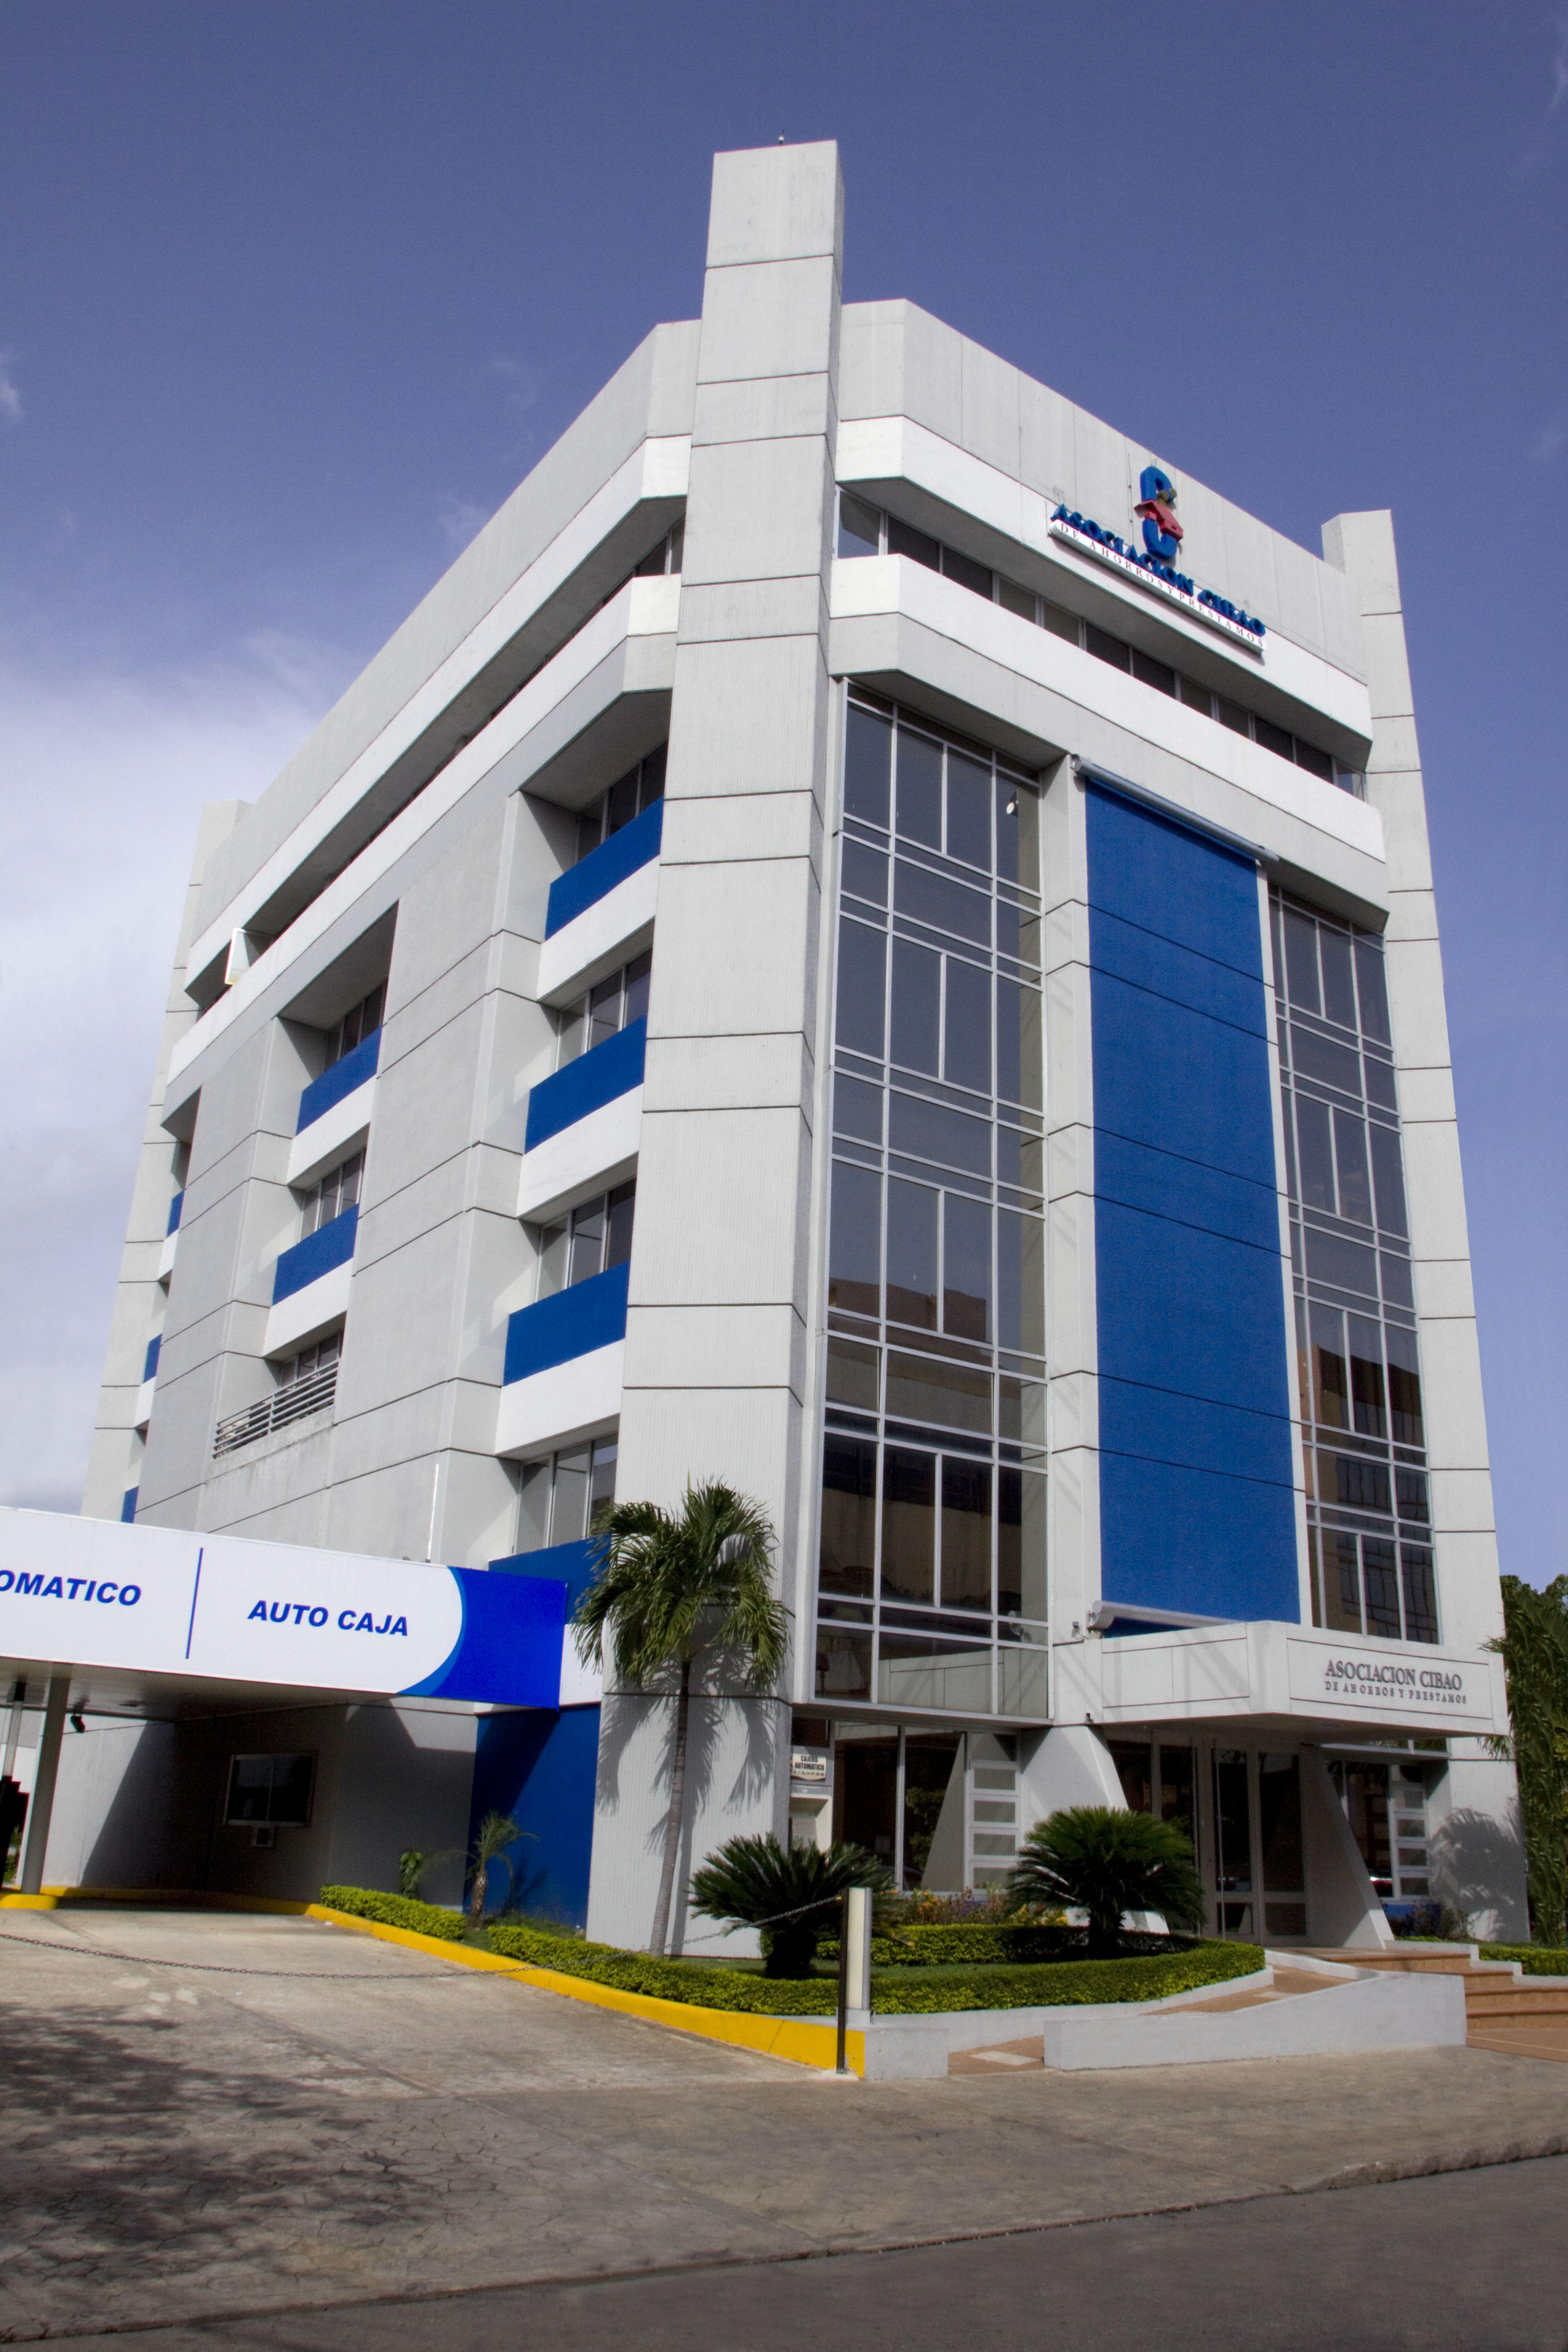 Asociación Cibao aprueba facilidades   financieras y de servicios a sus clientes